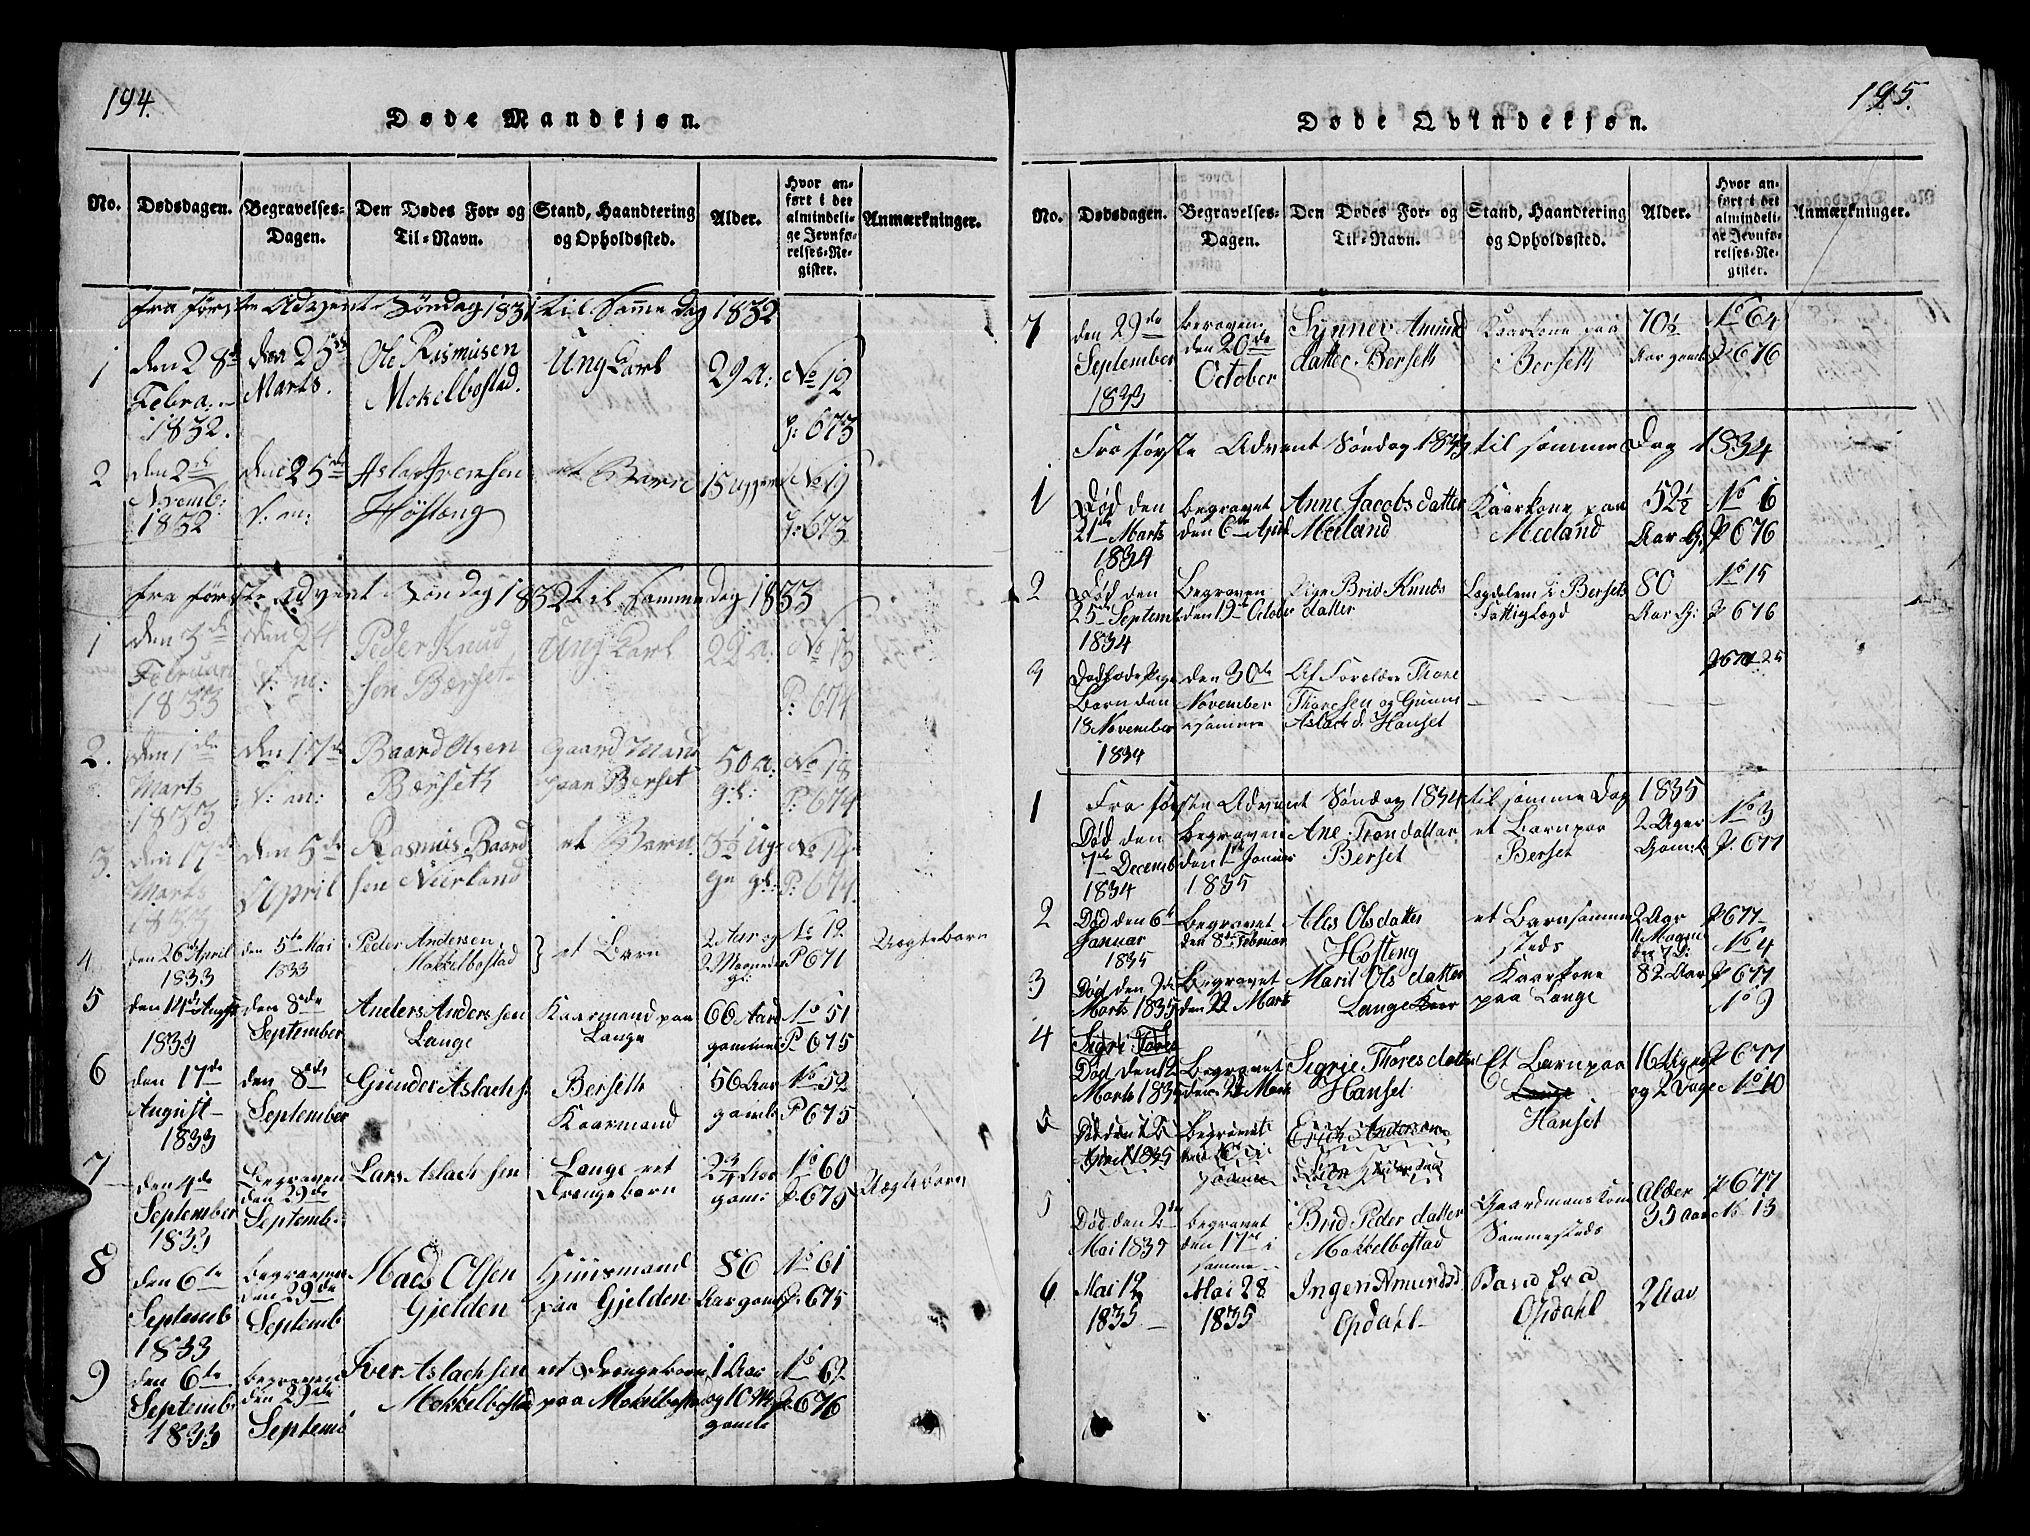 SAT, Ministerialprotokoller, klokkerbøker og fødselsregistre - Møre og Romsdal, 554/L0644: Klokkerbok nr. 554C01, 1818-1851, s. 194-195